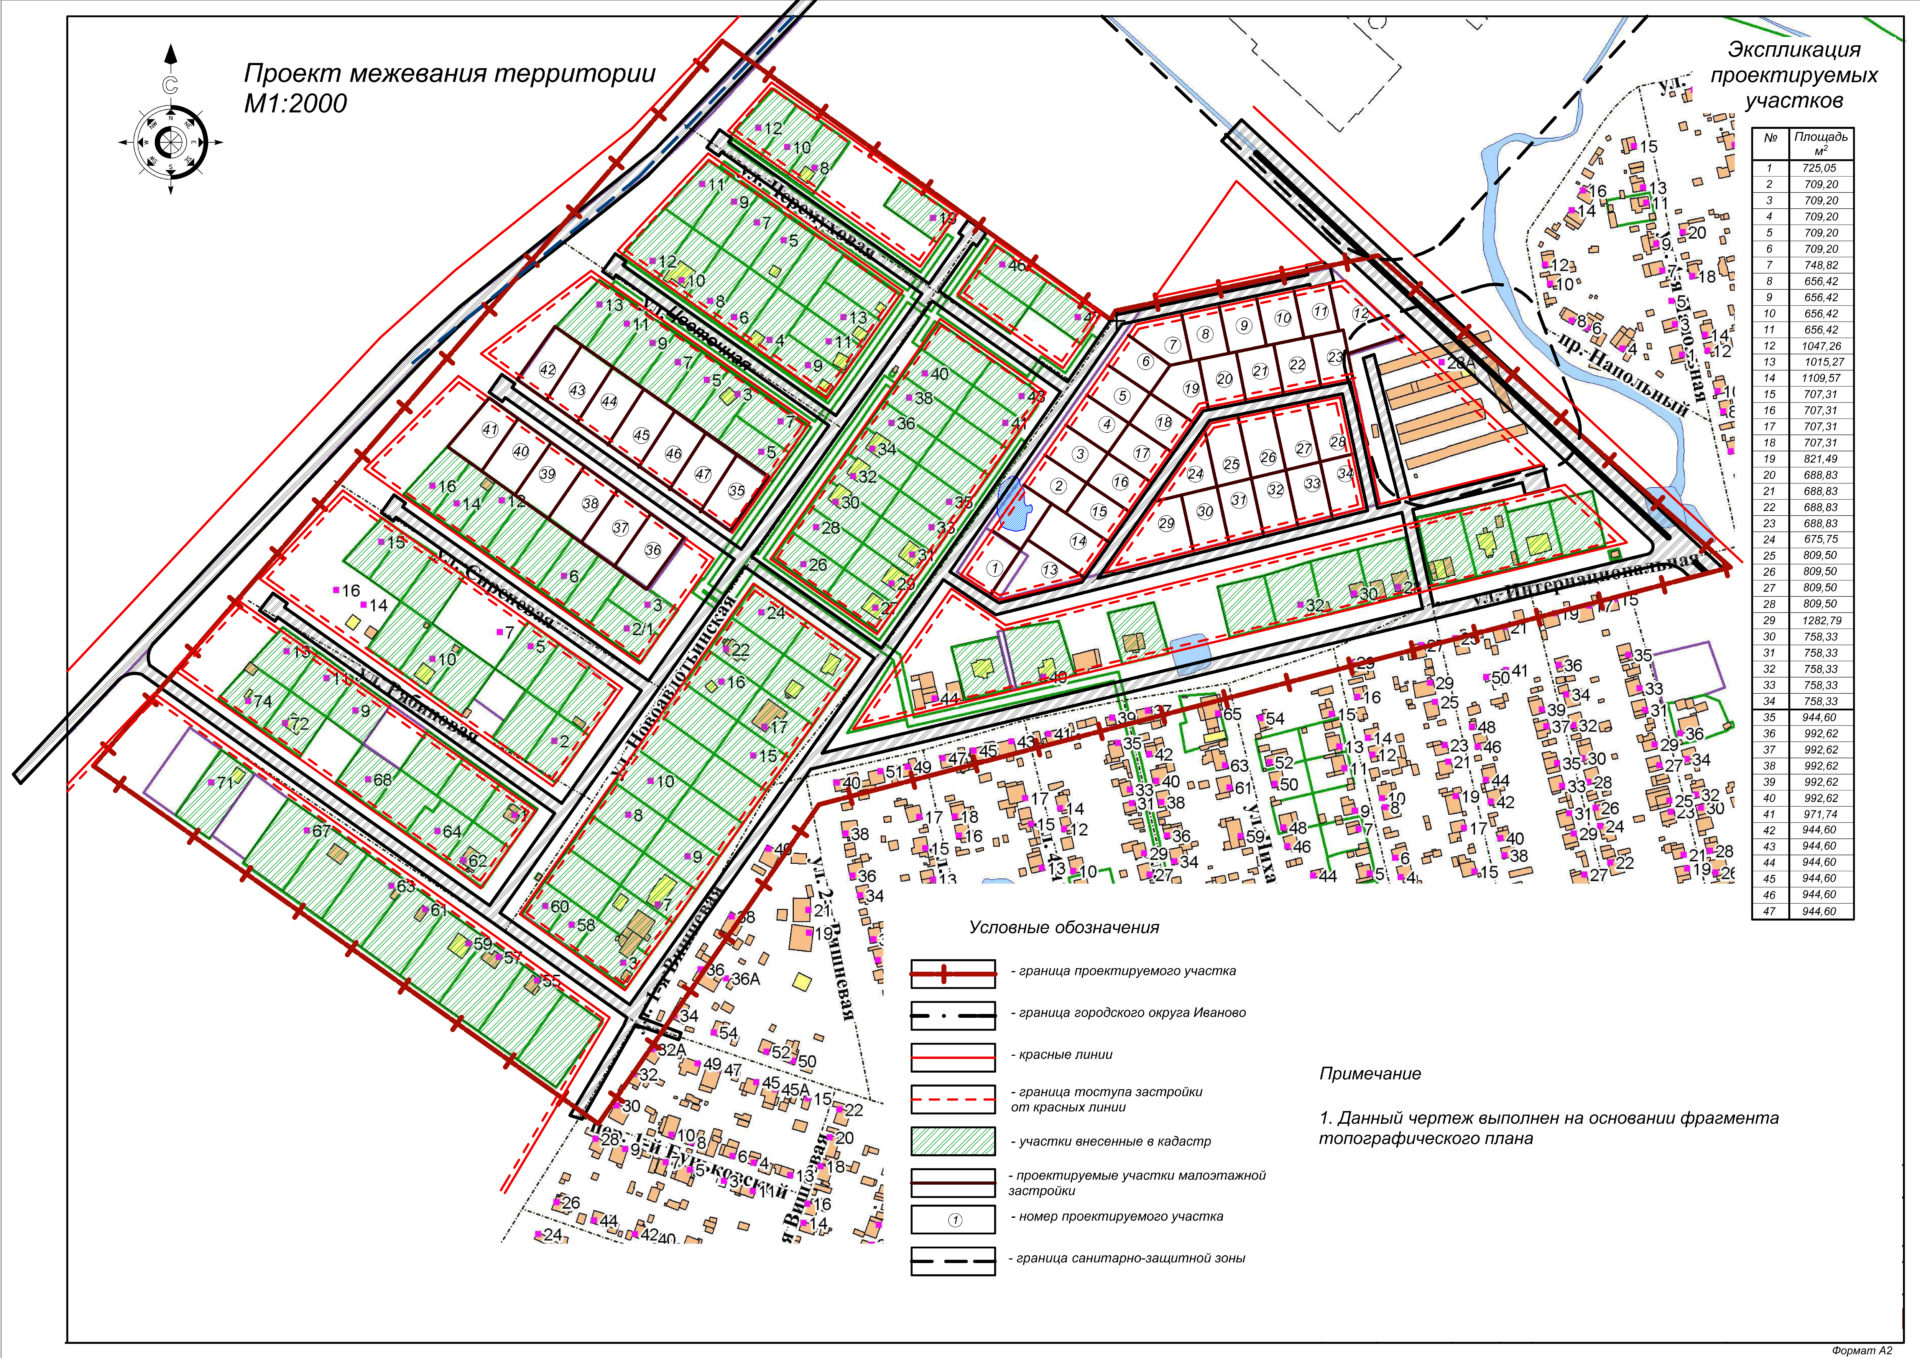 Просто и понятно: что такое межевание земельного участка и для чего оно нужно, а так же как проводят работы по определению границ территории?